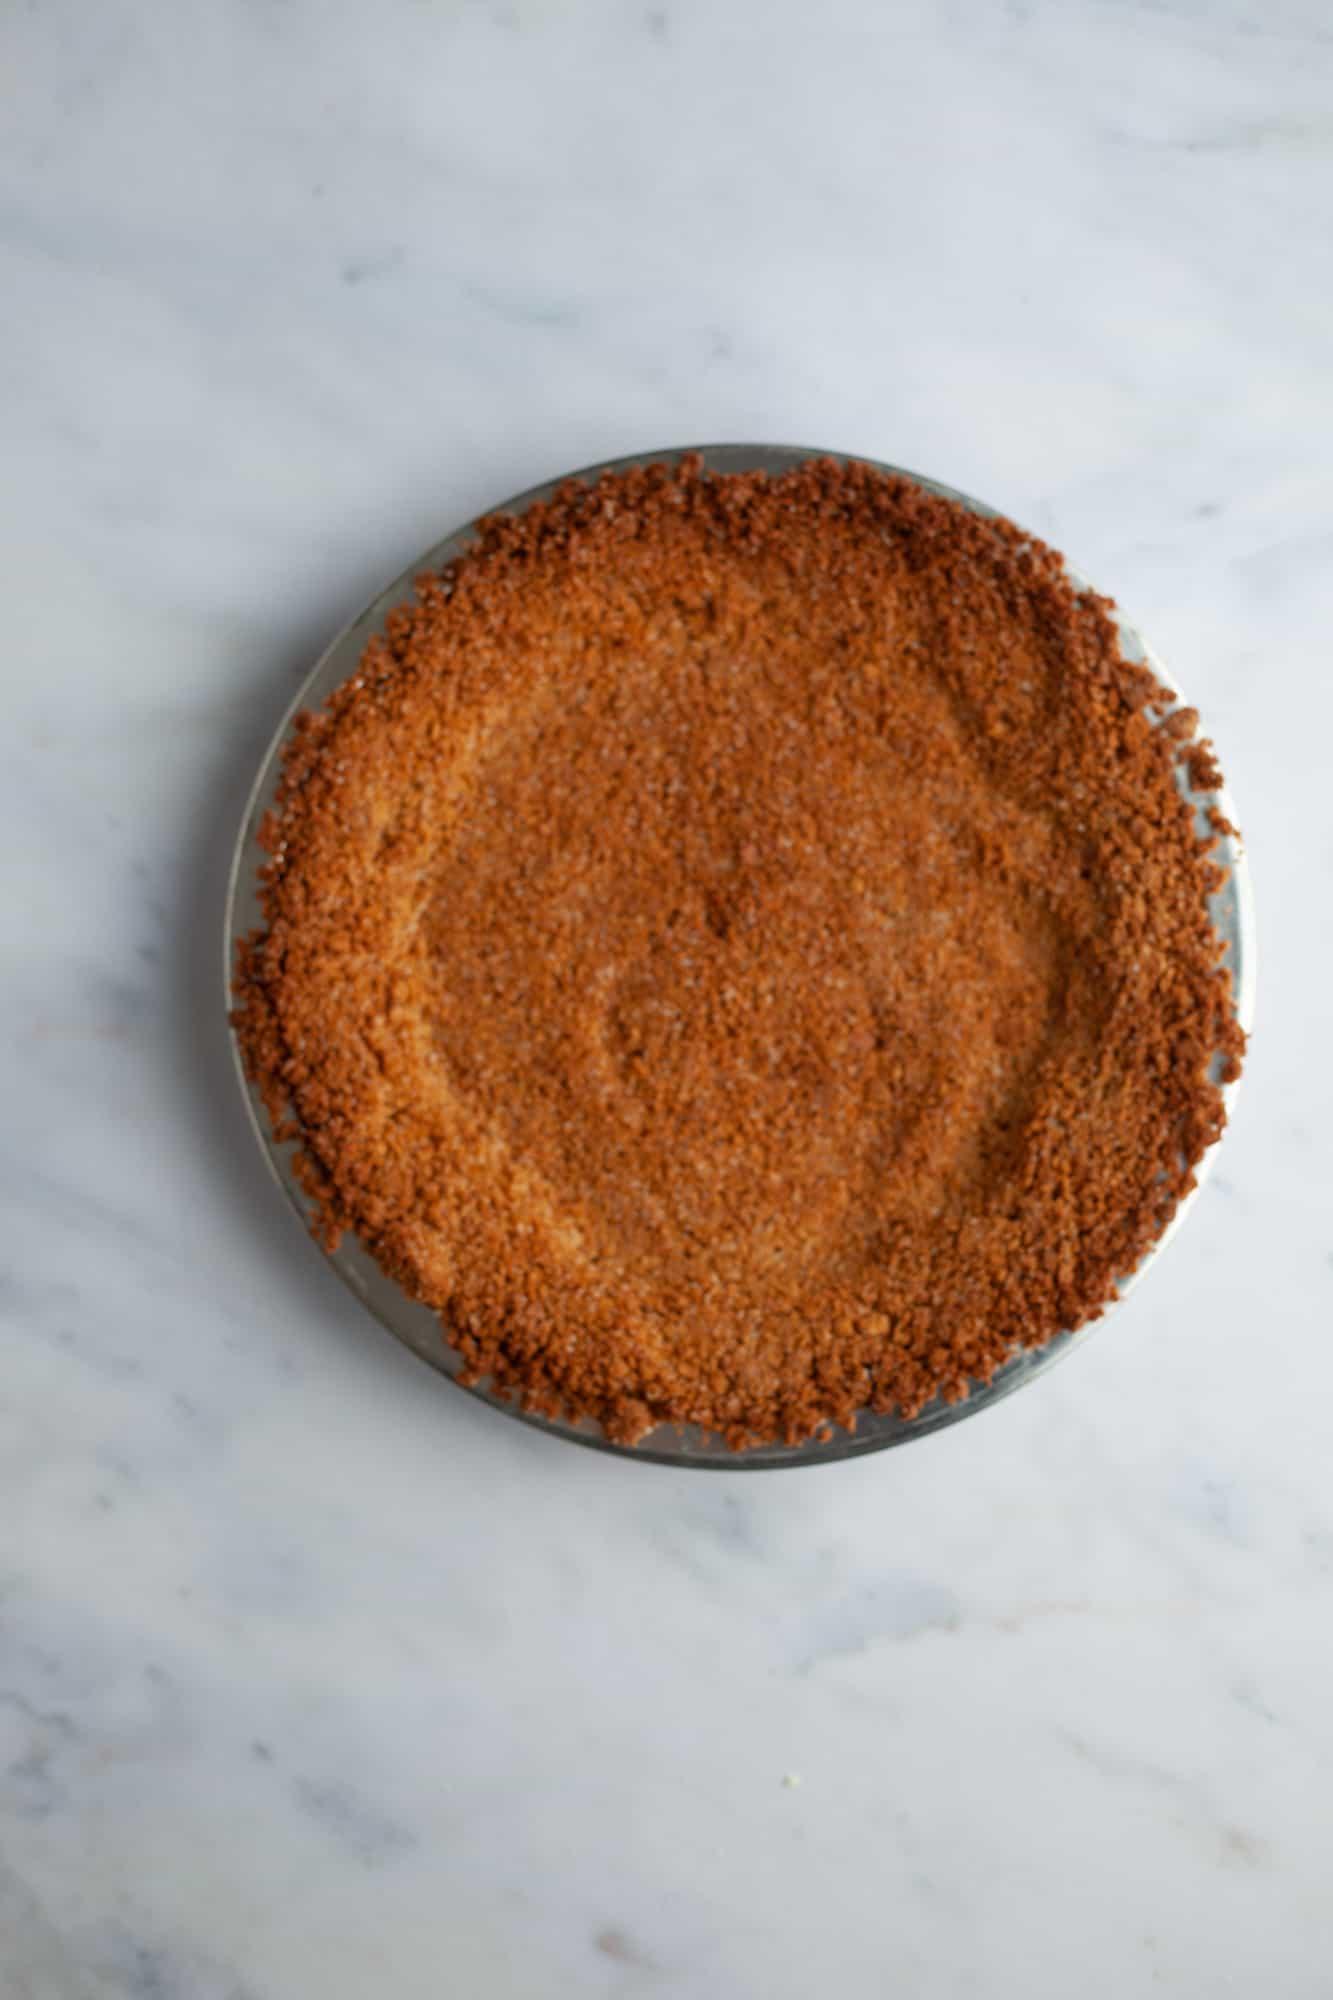 A baked graham cracker crust.